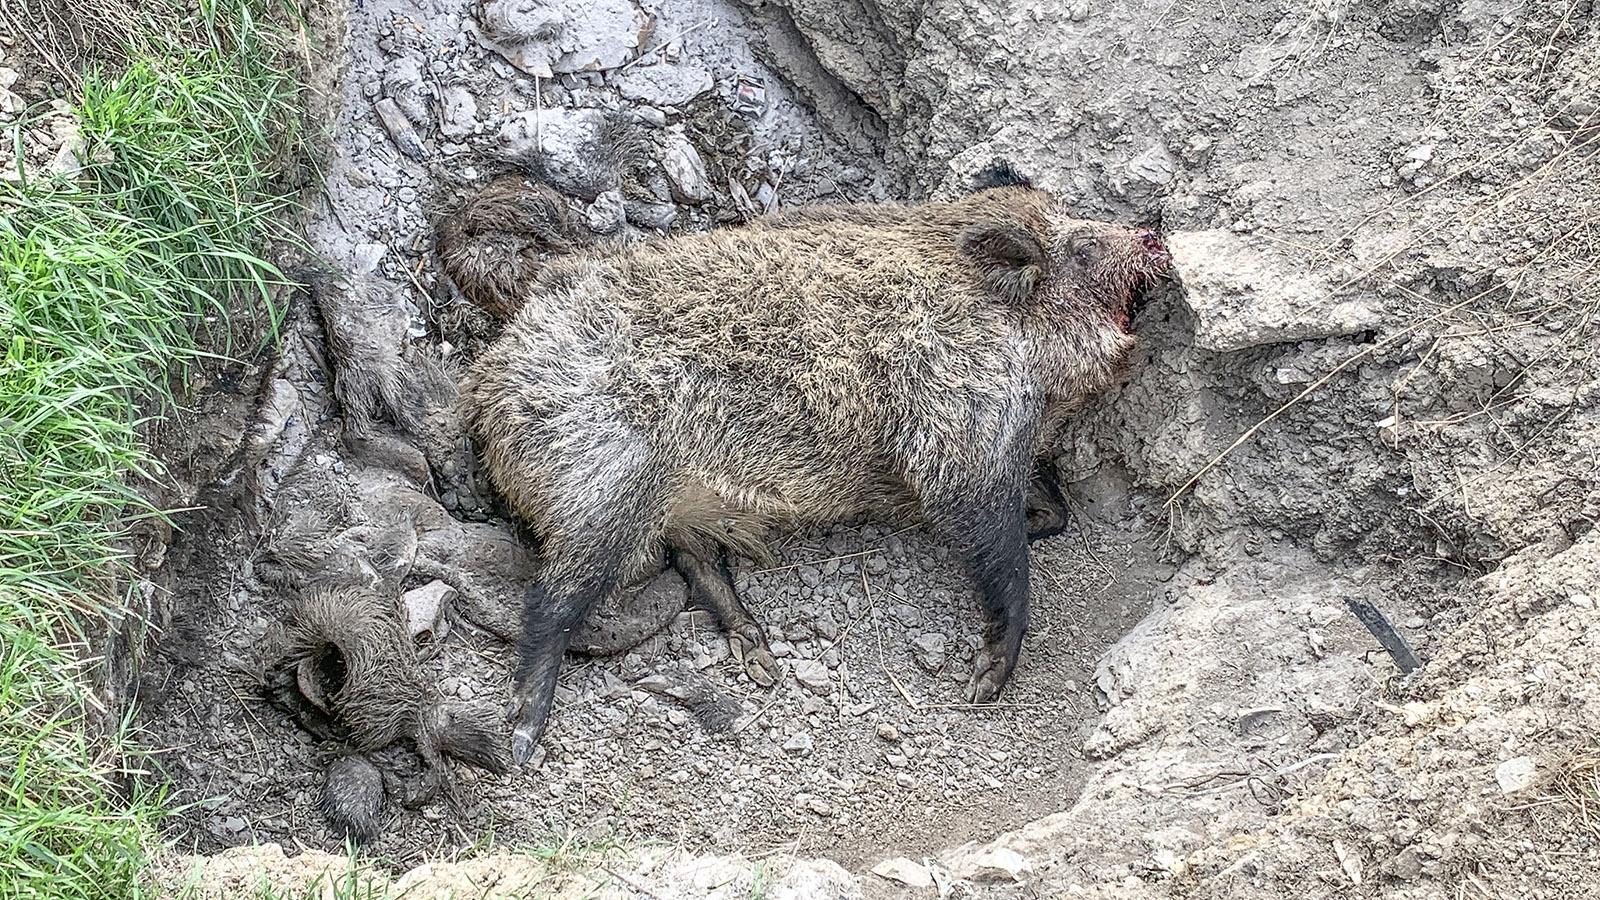 Noch vor dem offiziellen Jagdbeginn am 11. Oktober 2020 entdeckte ich beim Spazierengehen in den Pyrenäen dieses Wildschwein in der Grube. Foto: Hilke Maunder